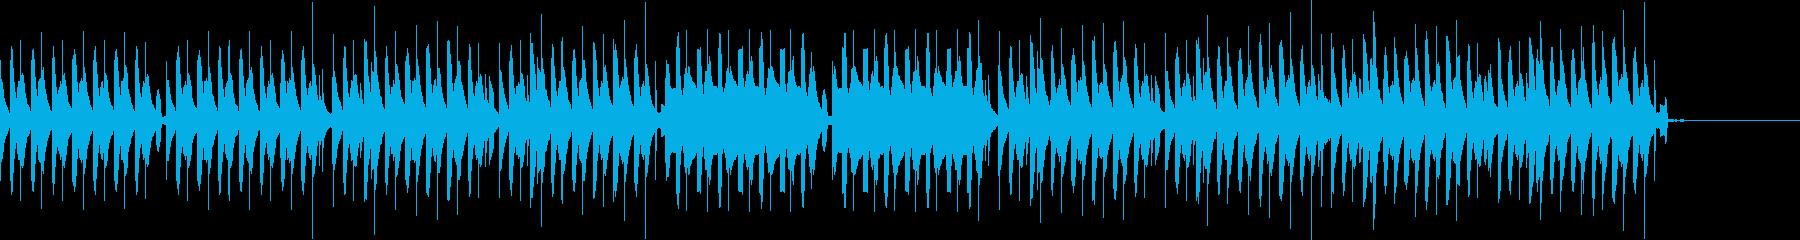 コミカルなシーン/劇伴の再生済みの波形